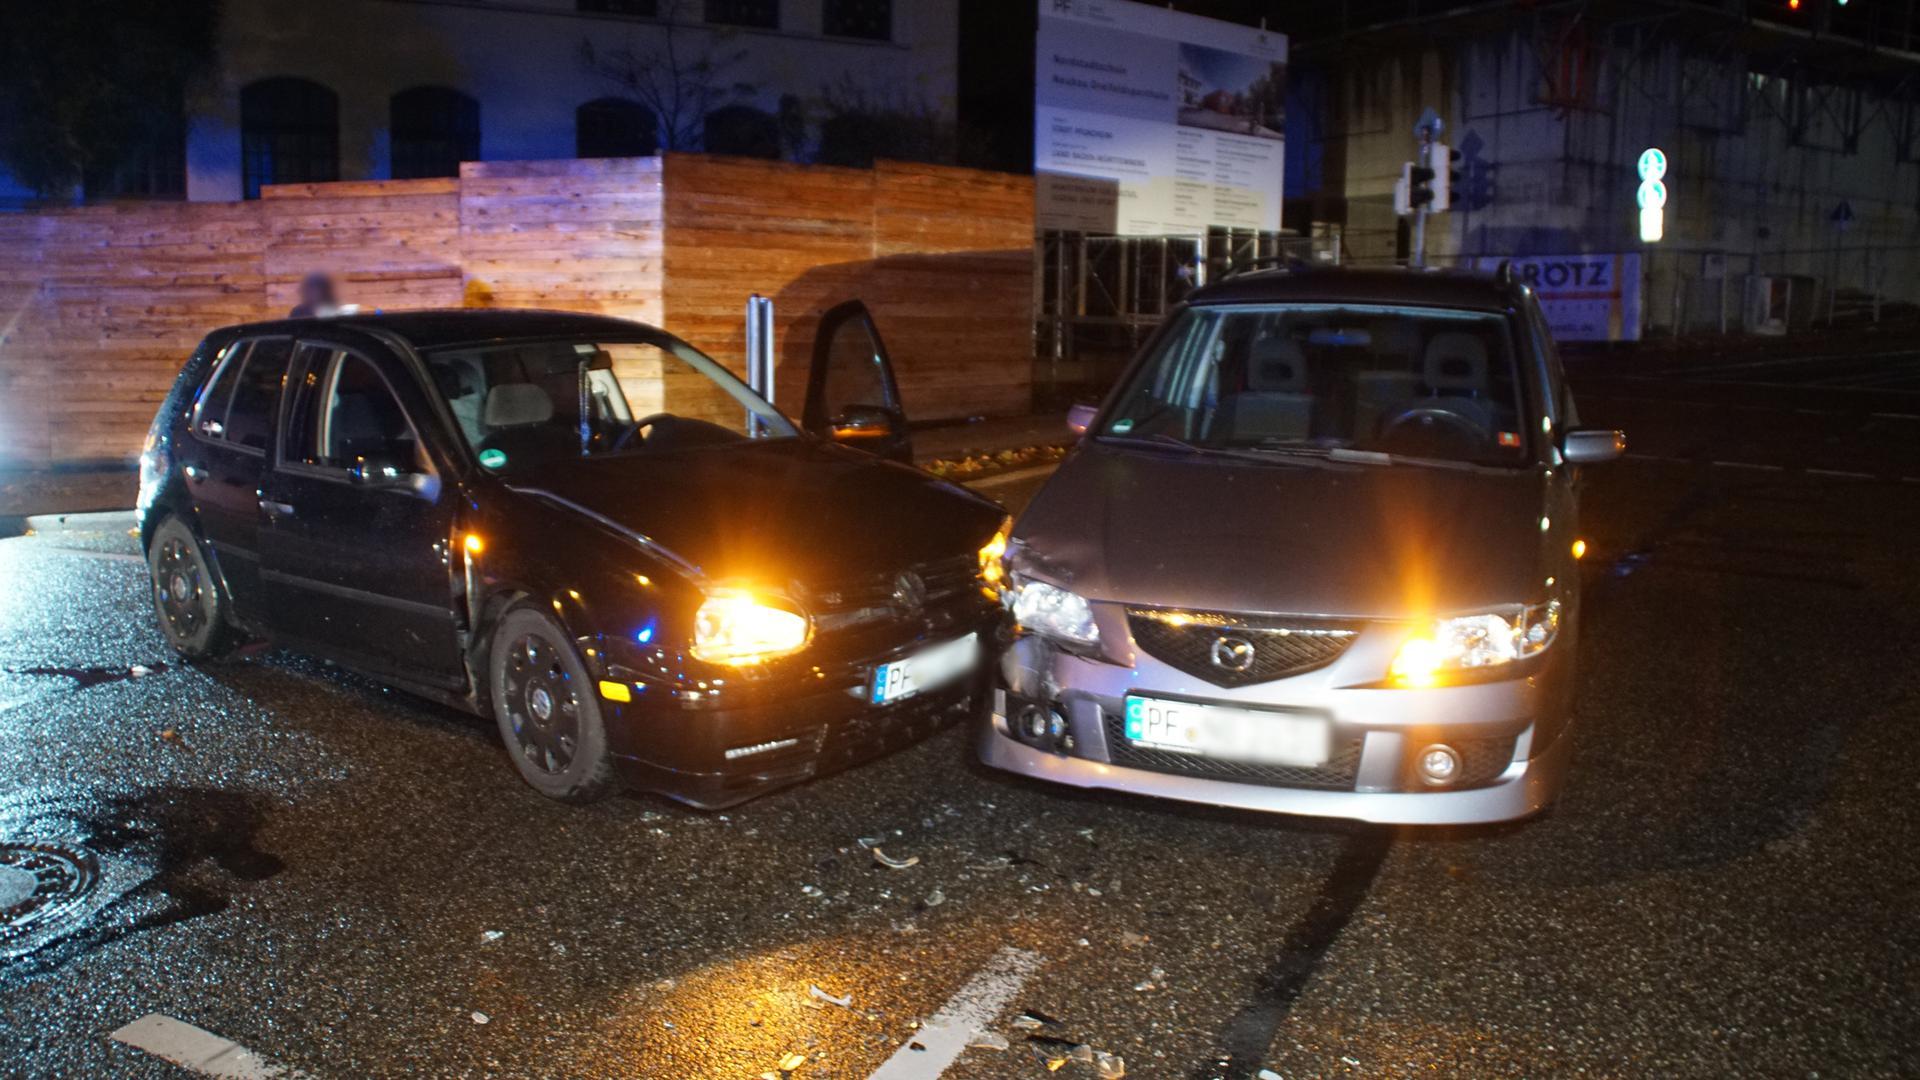 Zwei PKW stehen demoliert nebeneinander auf der Straße.